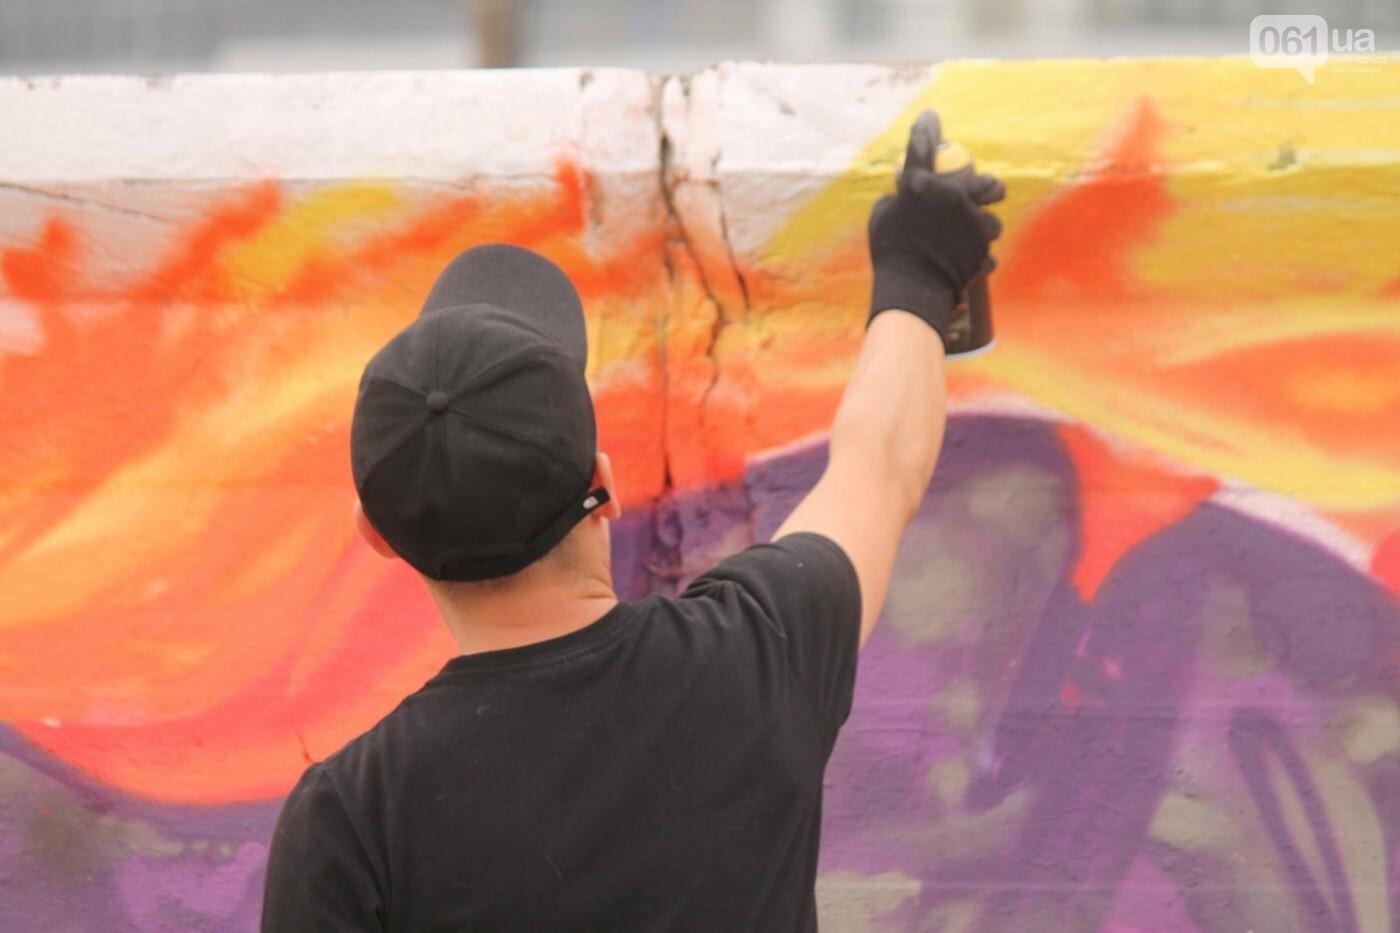 В Запорожье на пляже закончился фестиваль граффити: разрисовали 150 метров бетонной стены, – ФОТОРЕПОРТАЖ, фото-1